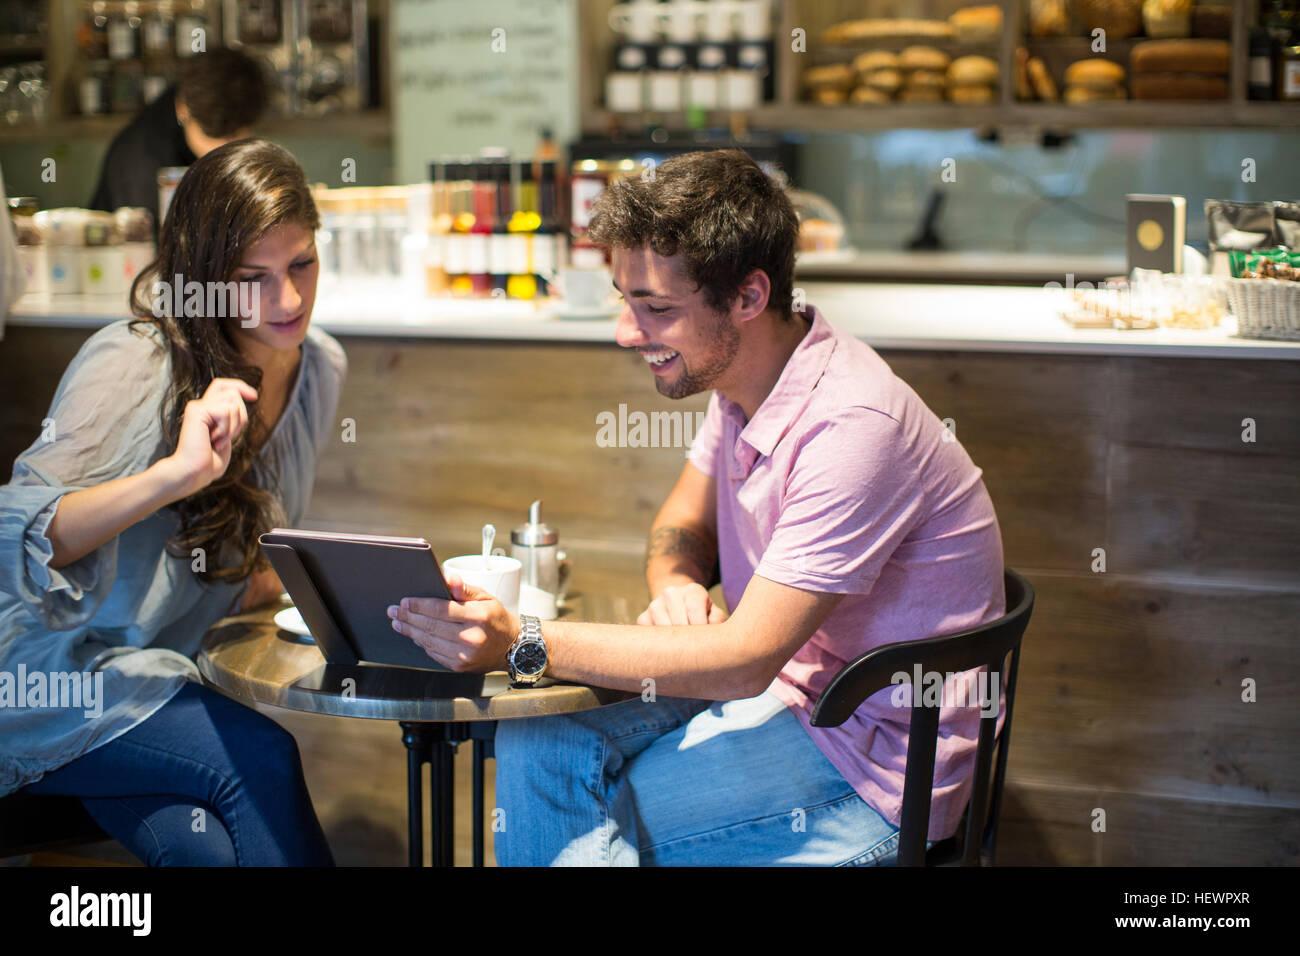 Pareja joven en el cafe mirando tableta digital Imagen De Stock